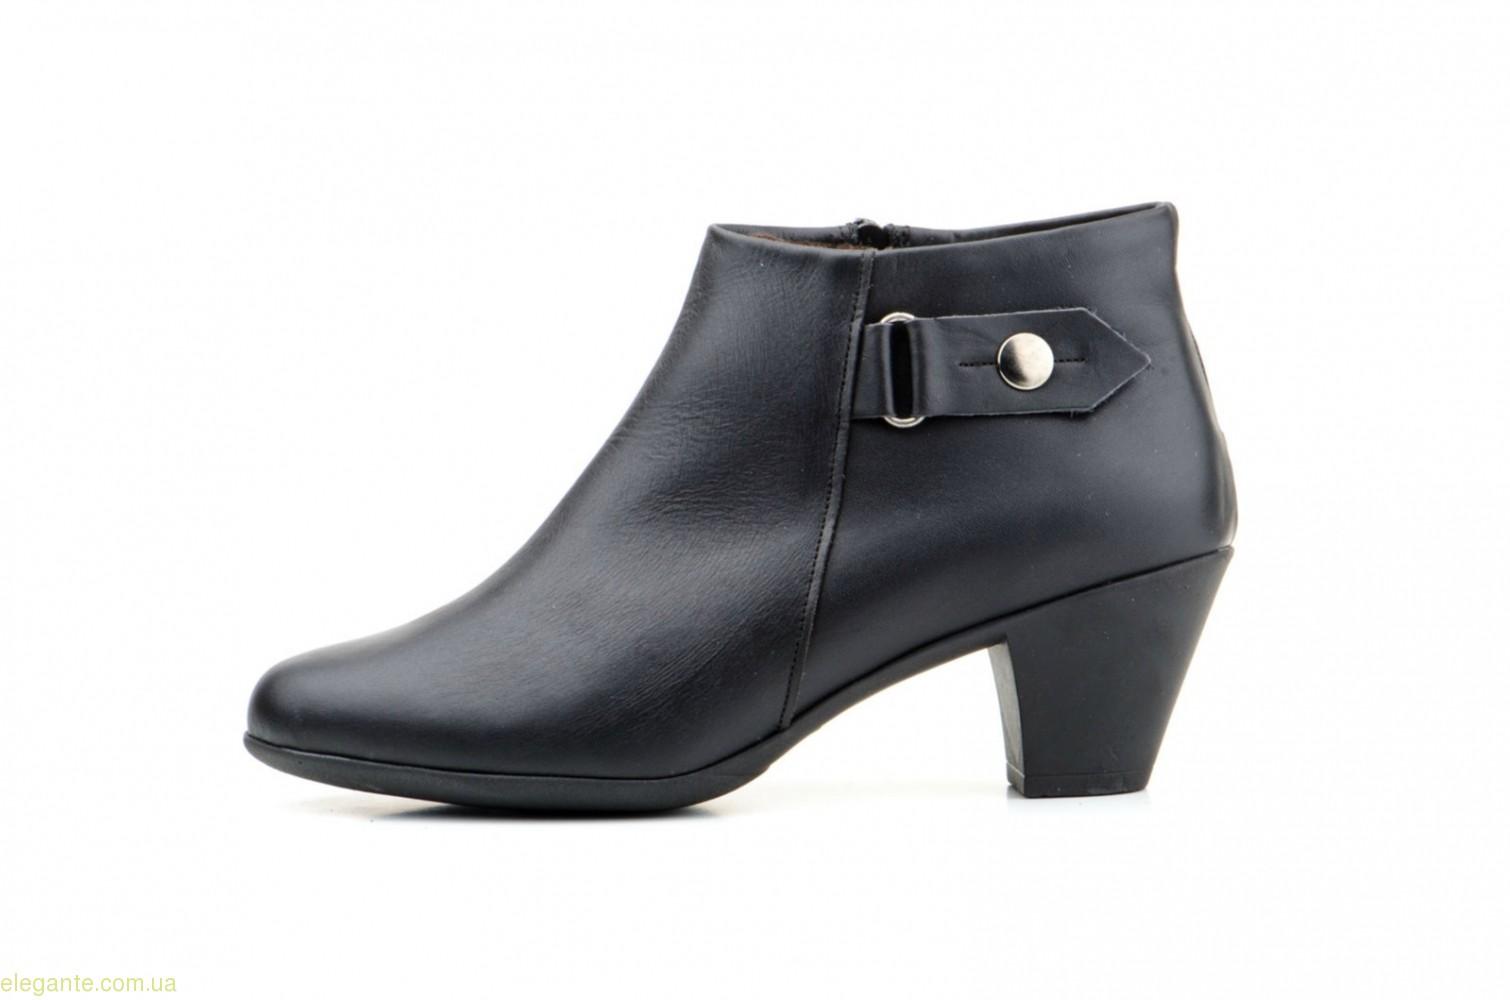 Женские ботинки CUTILLAS2 чёрные 0